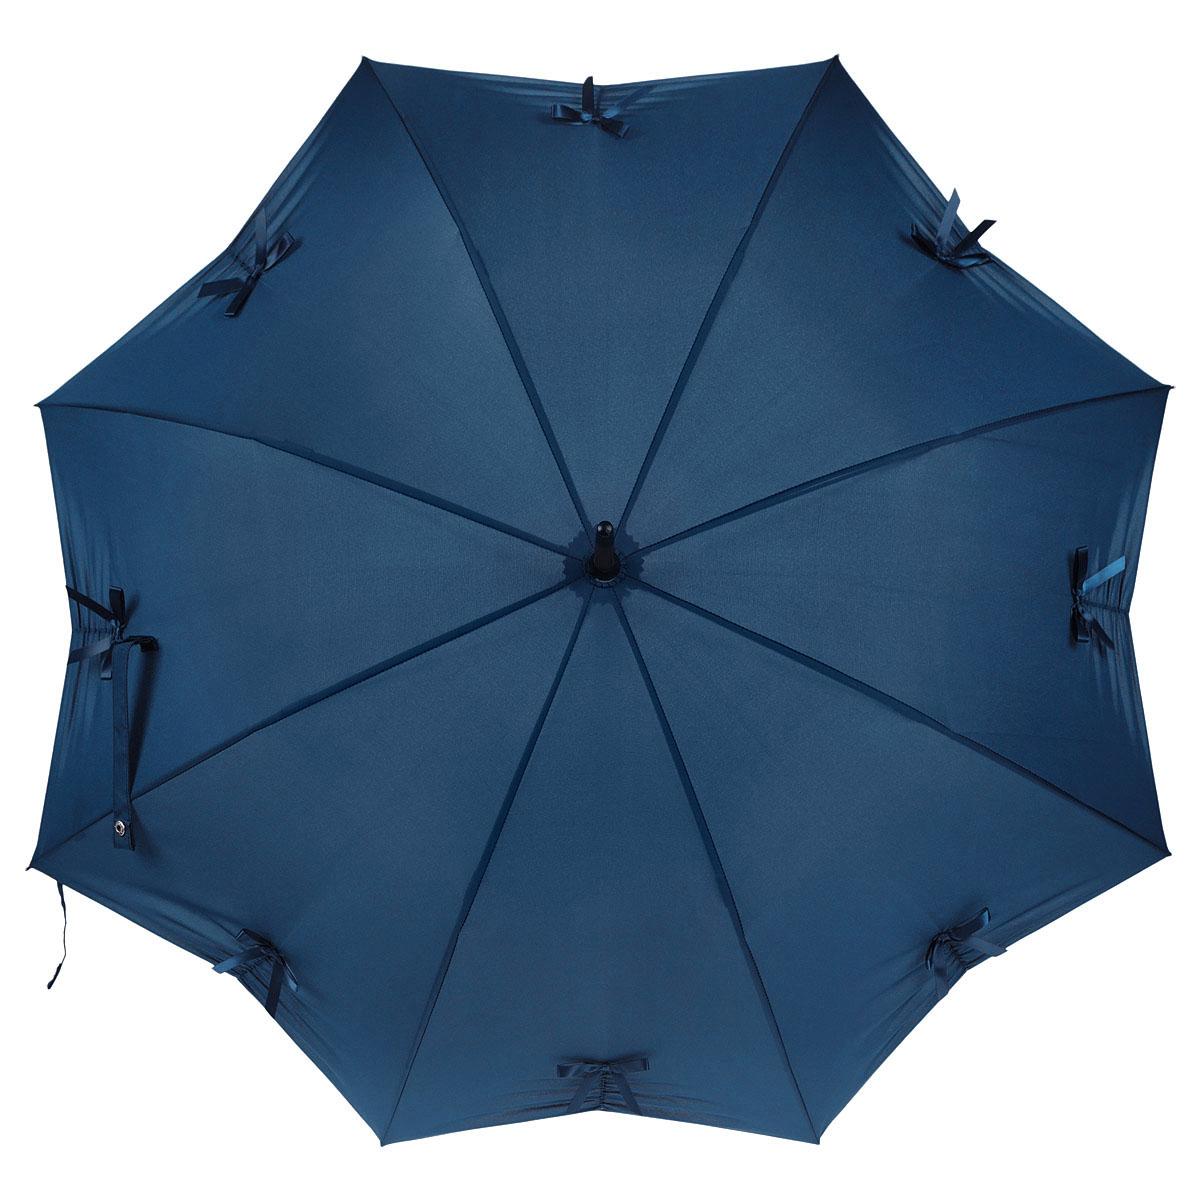 Зонт-трость женский Fulton Kensington-1. Star, механический, цвет: морской волны. L776-276945100032/35449/3537AМодный механический зонт-трость Kensington-1. Star. Каркас зонта состоит из 8 спиц, фибергласса и деревянного стержня. Купол зонта выполнен из прочного полиэстера и украшен аппликацией в виде бантиков. Изделие оснащено удобной рукояткой из пластика.Зонт механического сложения: купол открывается и закрывается вручную до характерного щелчка.Модель закрывается при помощи двух ремней с кнопками. Зонт-трость даже в ненастную погоду позволит вам оставаться стильной и элегантной. Такой зонт не только надежно защитит вас от дождя, но и станет стильным аксессуаром, который идеально подчеркнет ваш неповторимый образ.